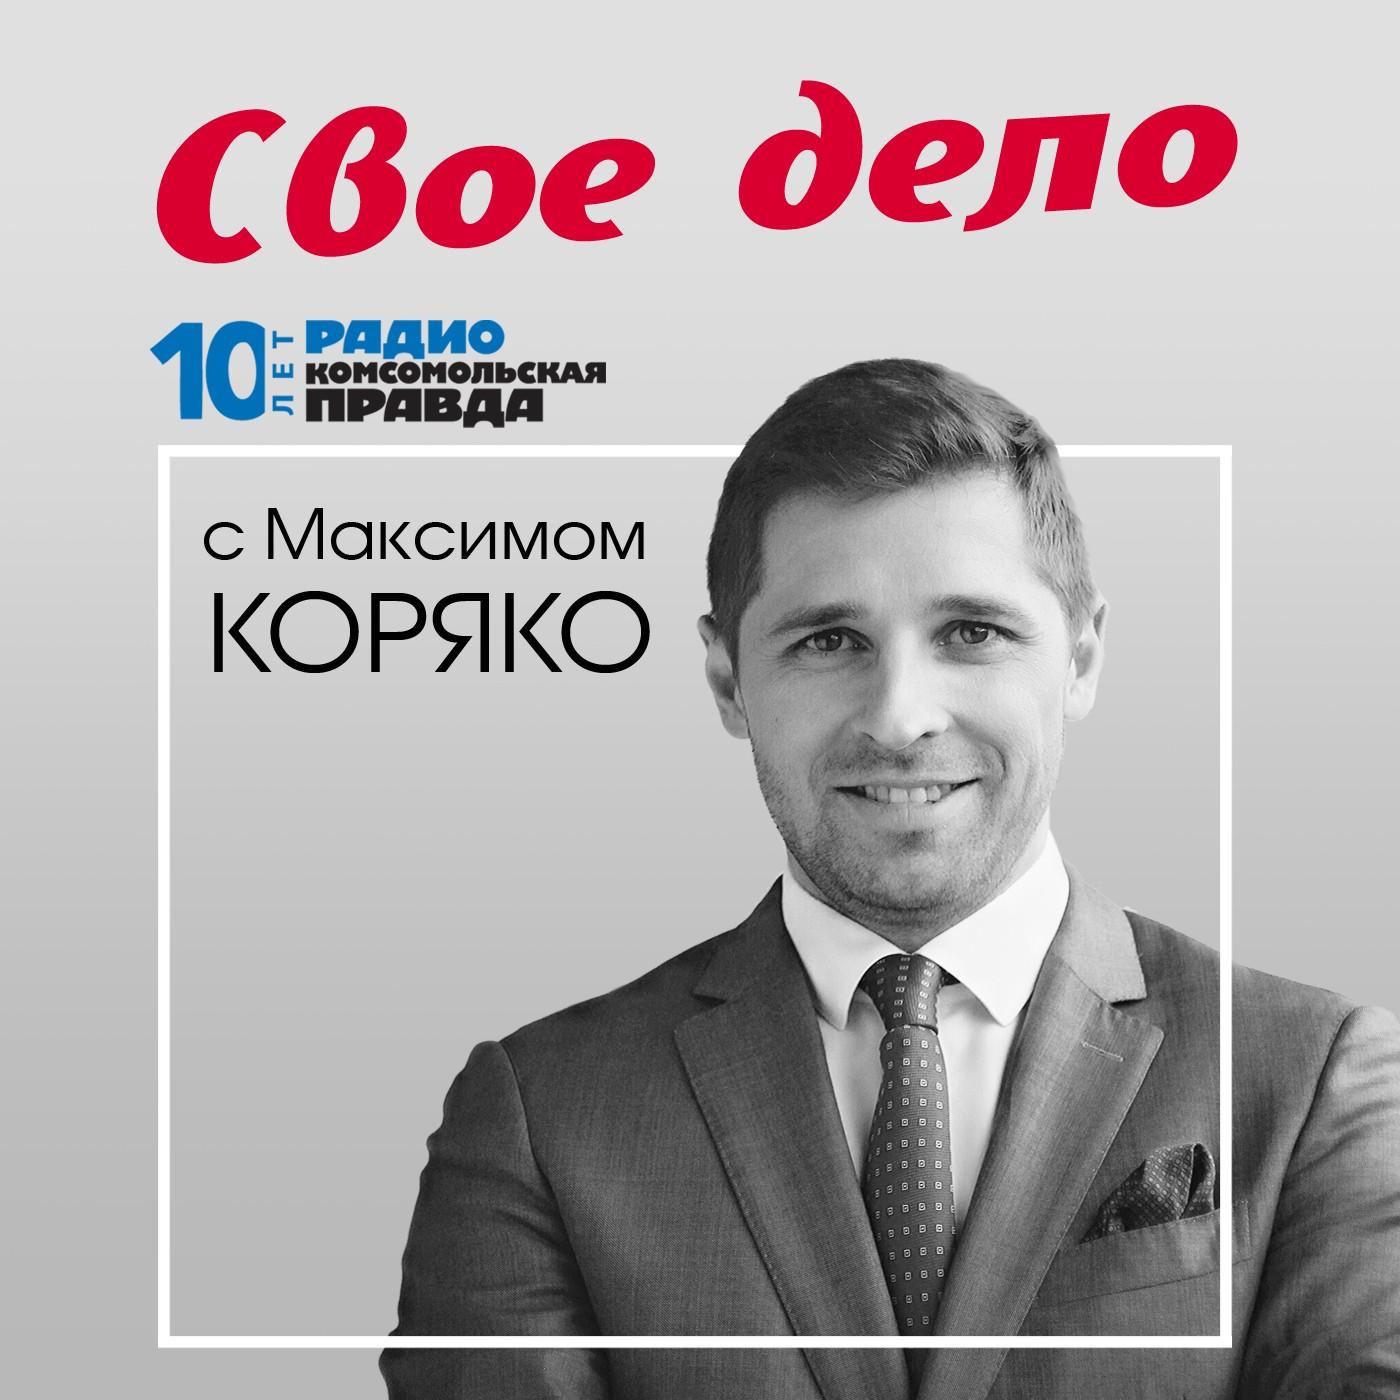 Радио «Комсомольская правда» Как построить бизнес играючи сергей абдульманов дмитрий кибкало бизнес на свои